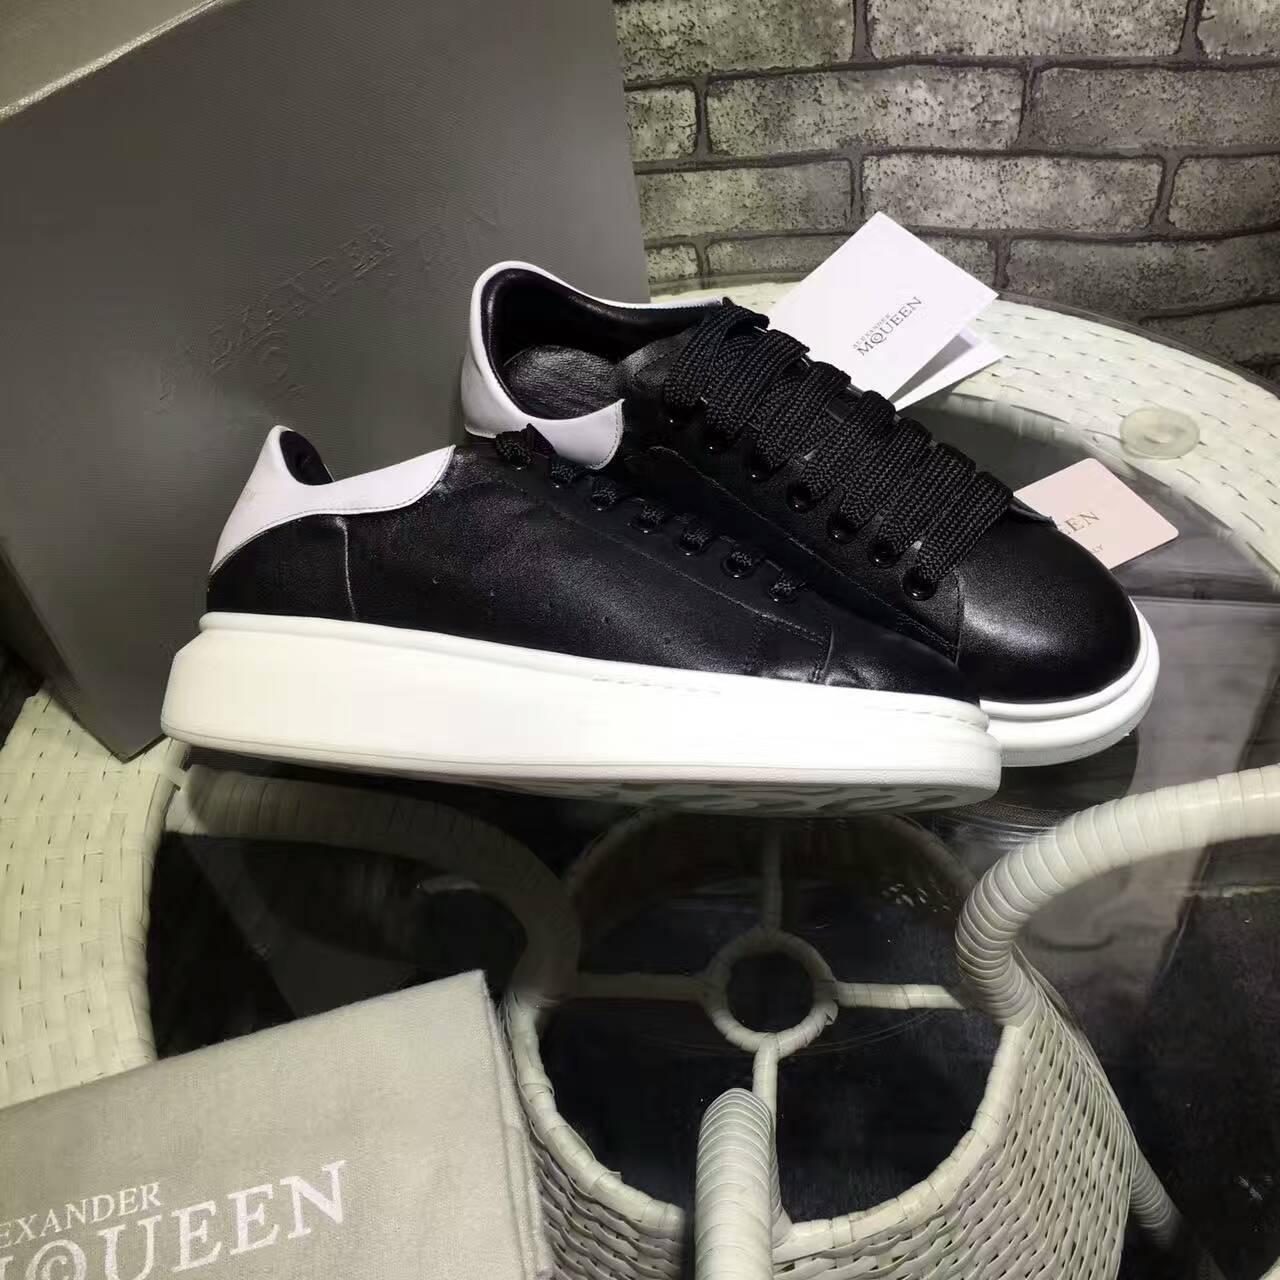 giày mcqueen màu đen gót trắng